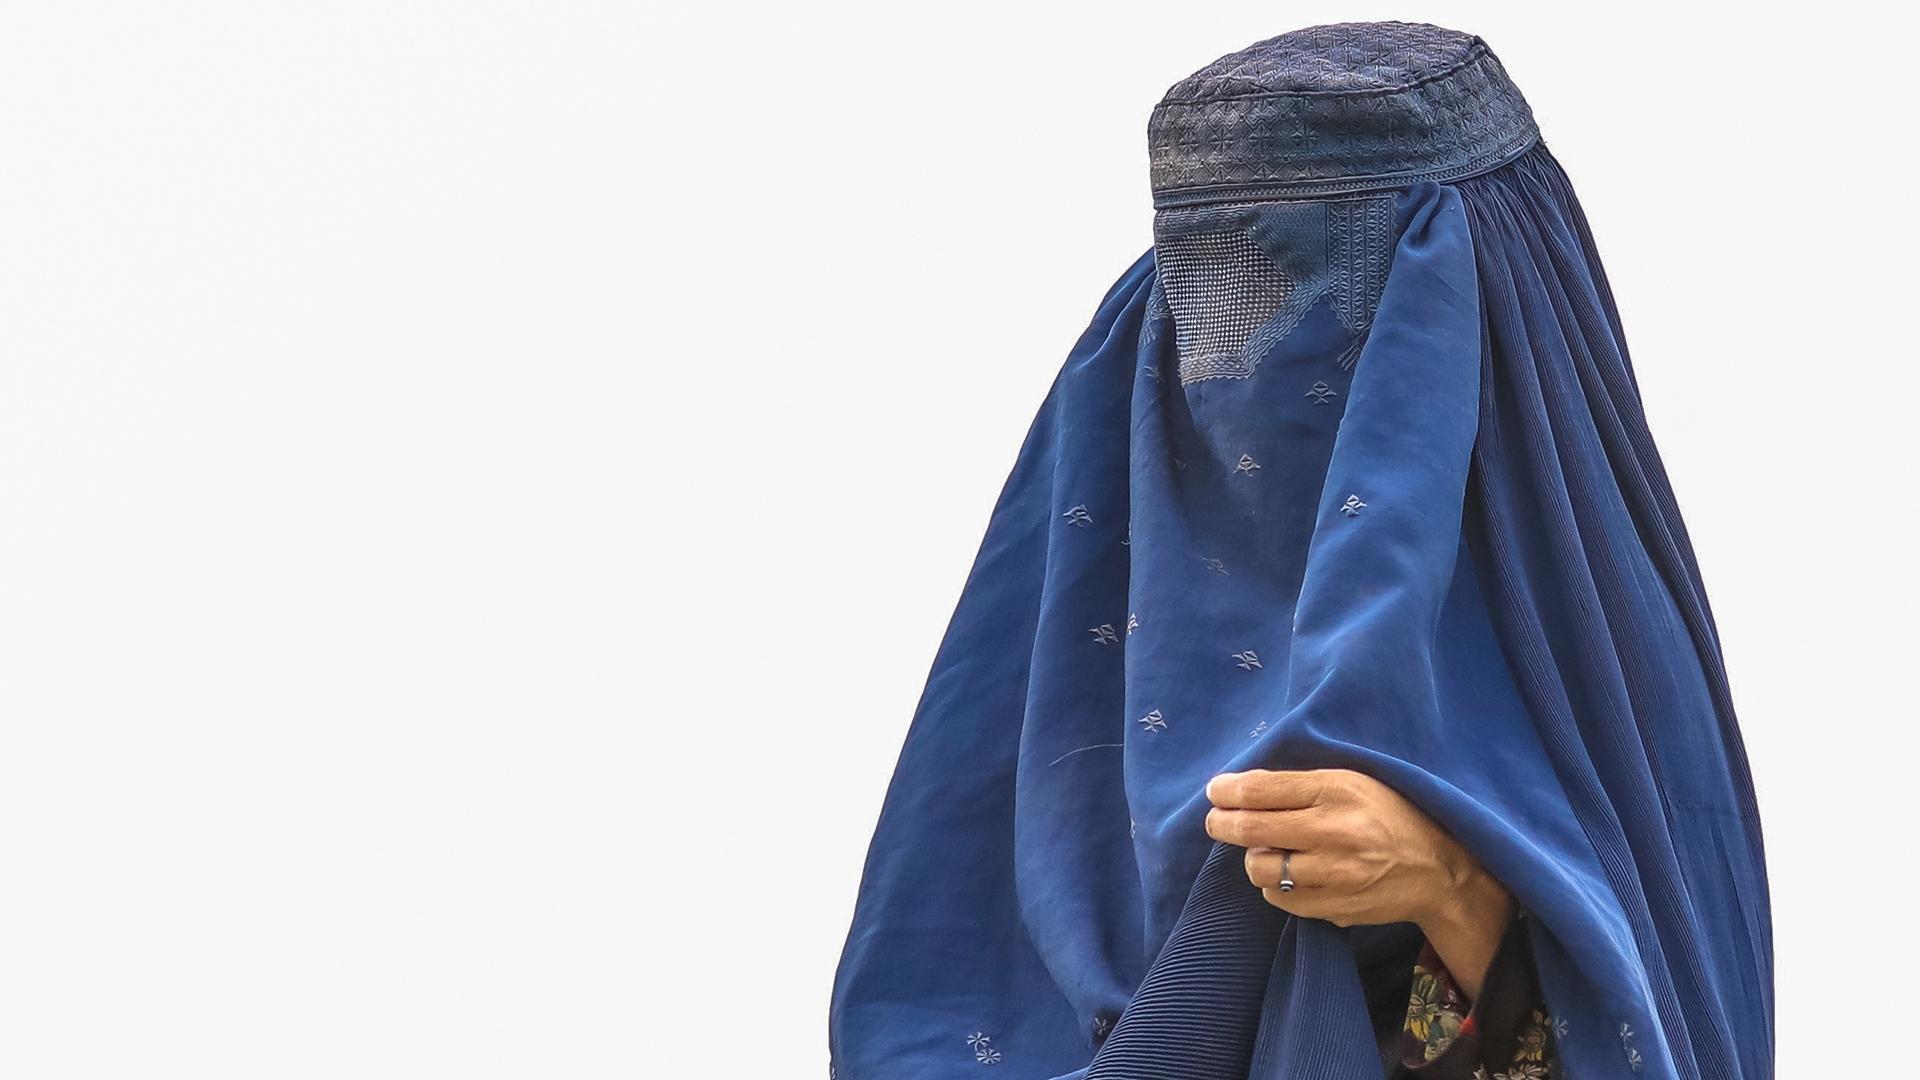 Talibanes autorizan a mujeres seguir en la universidad, pero separadas de los hombres